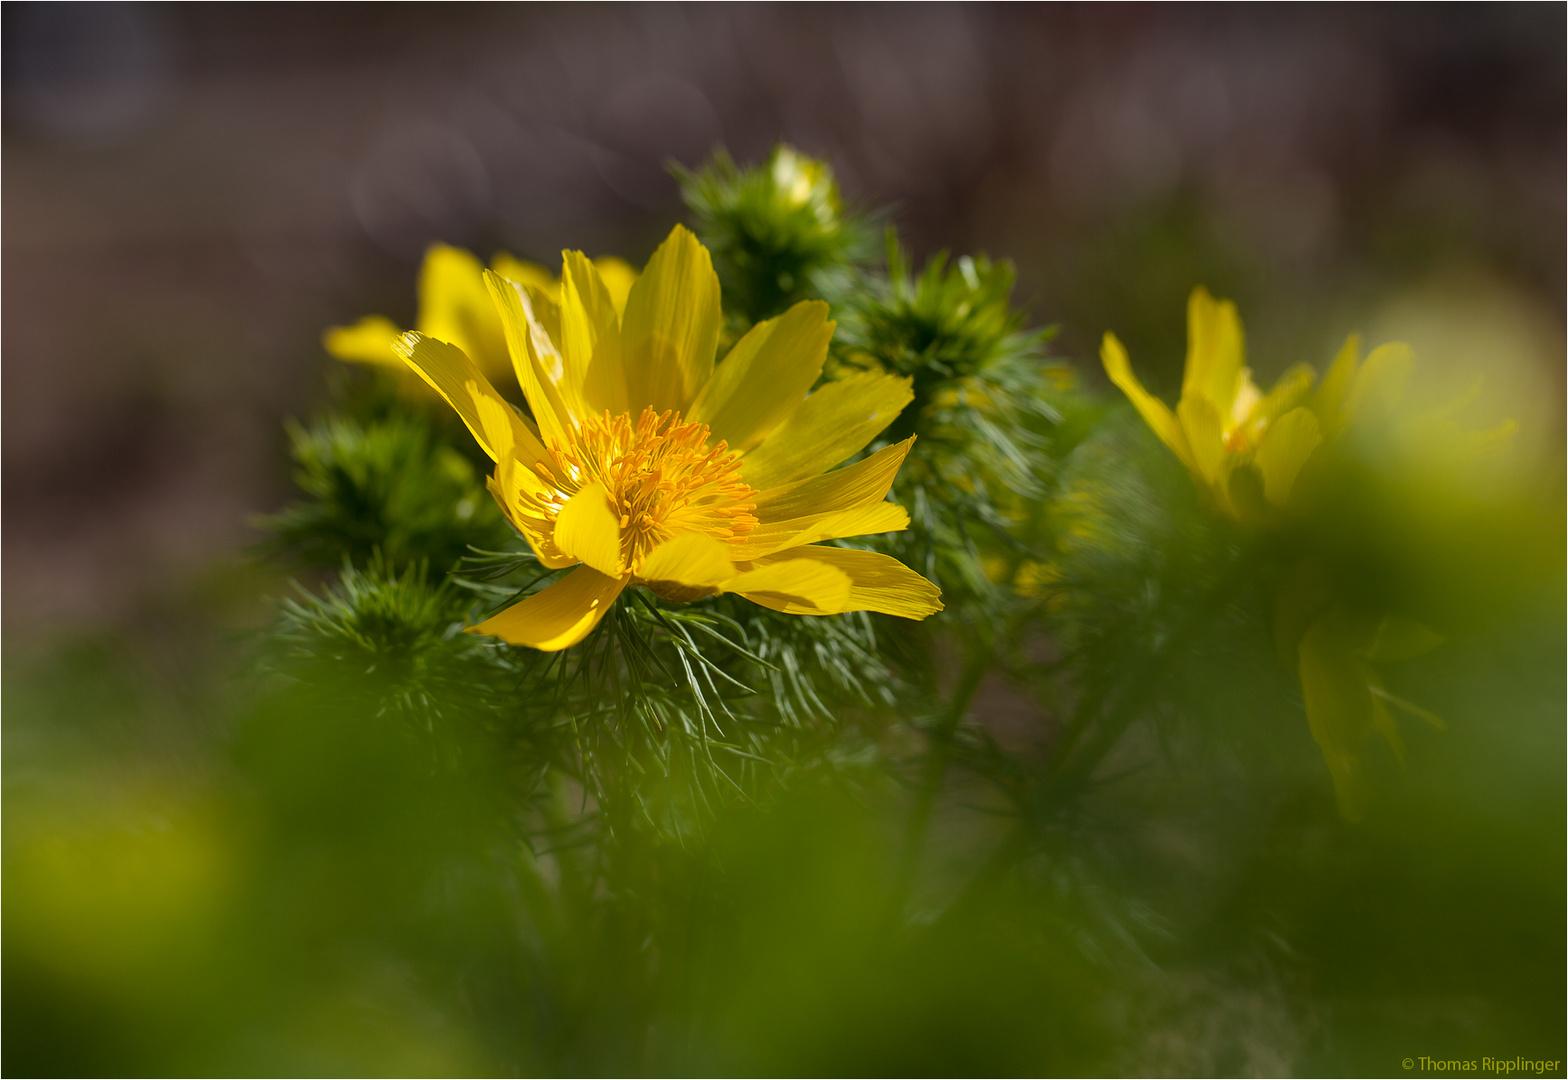 Frühlings-Adonisröschen oder Frühlings-Adonis (Adonis vernalis).